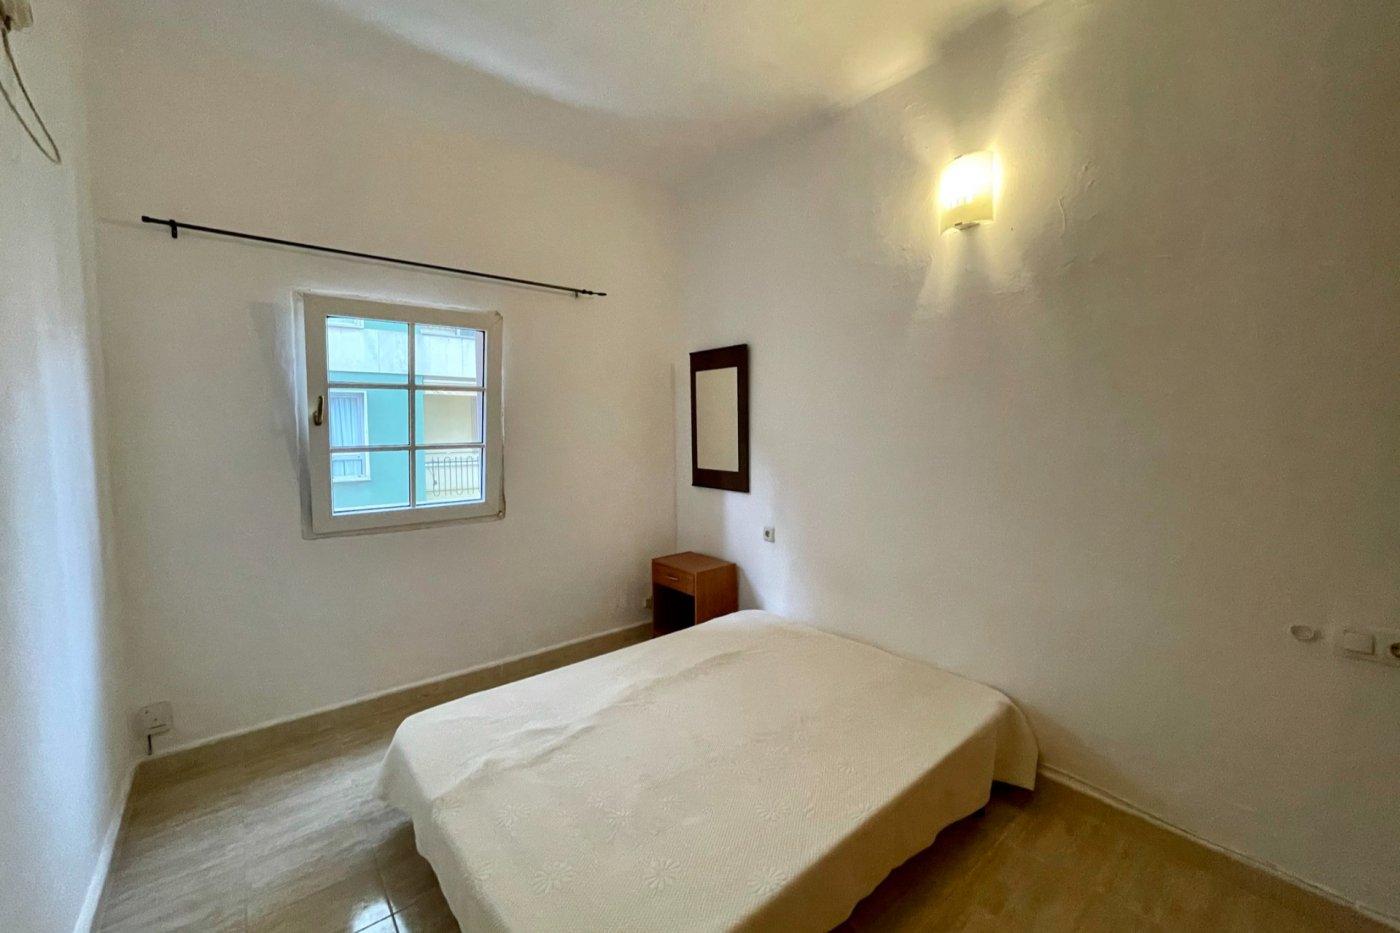 Primer piso semi amueblado de 52 m² de superficie (sin ascensor) en la zona de son cotoner - imagenInmueble2